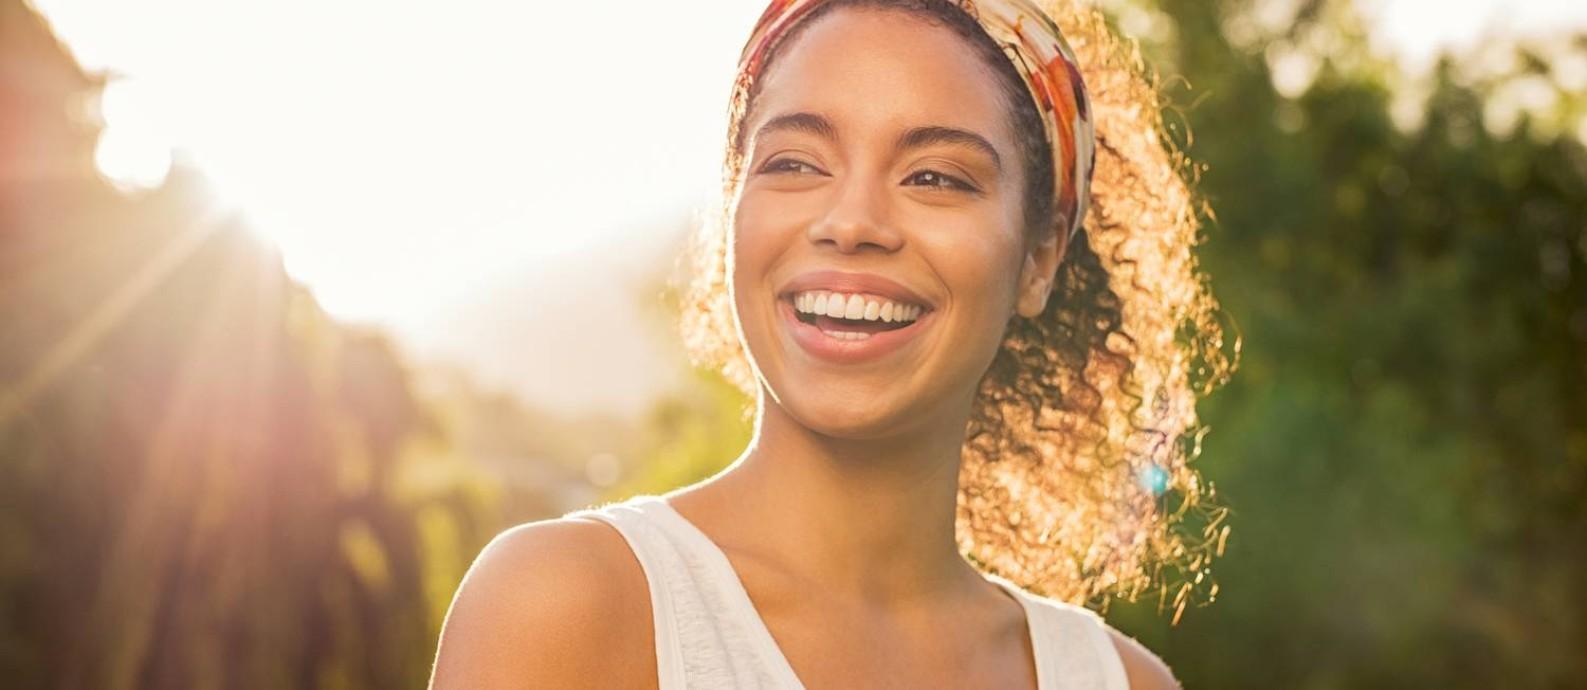 Sono de qualidade, dieta saudável, lazer e exercício físico são indispensáveis para promover o bem-estar Foto: Ridofranz / Getty Images